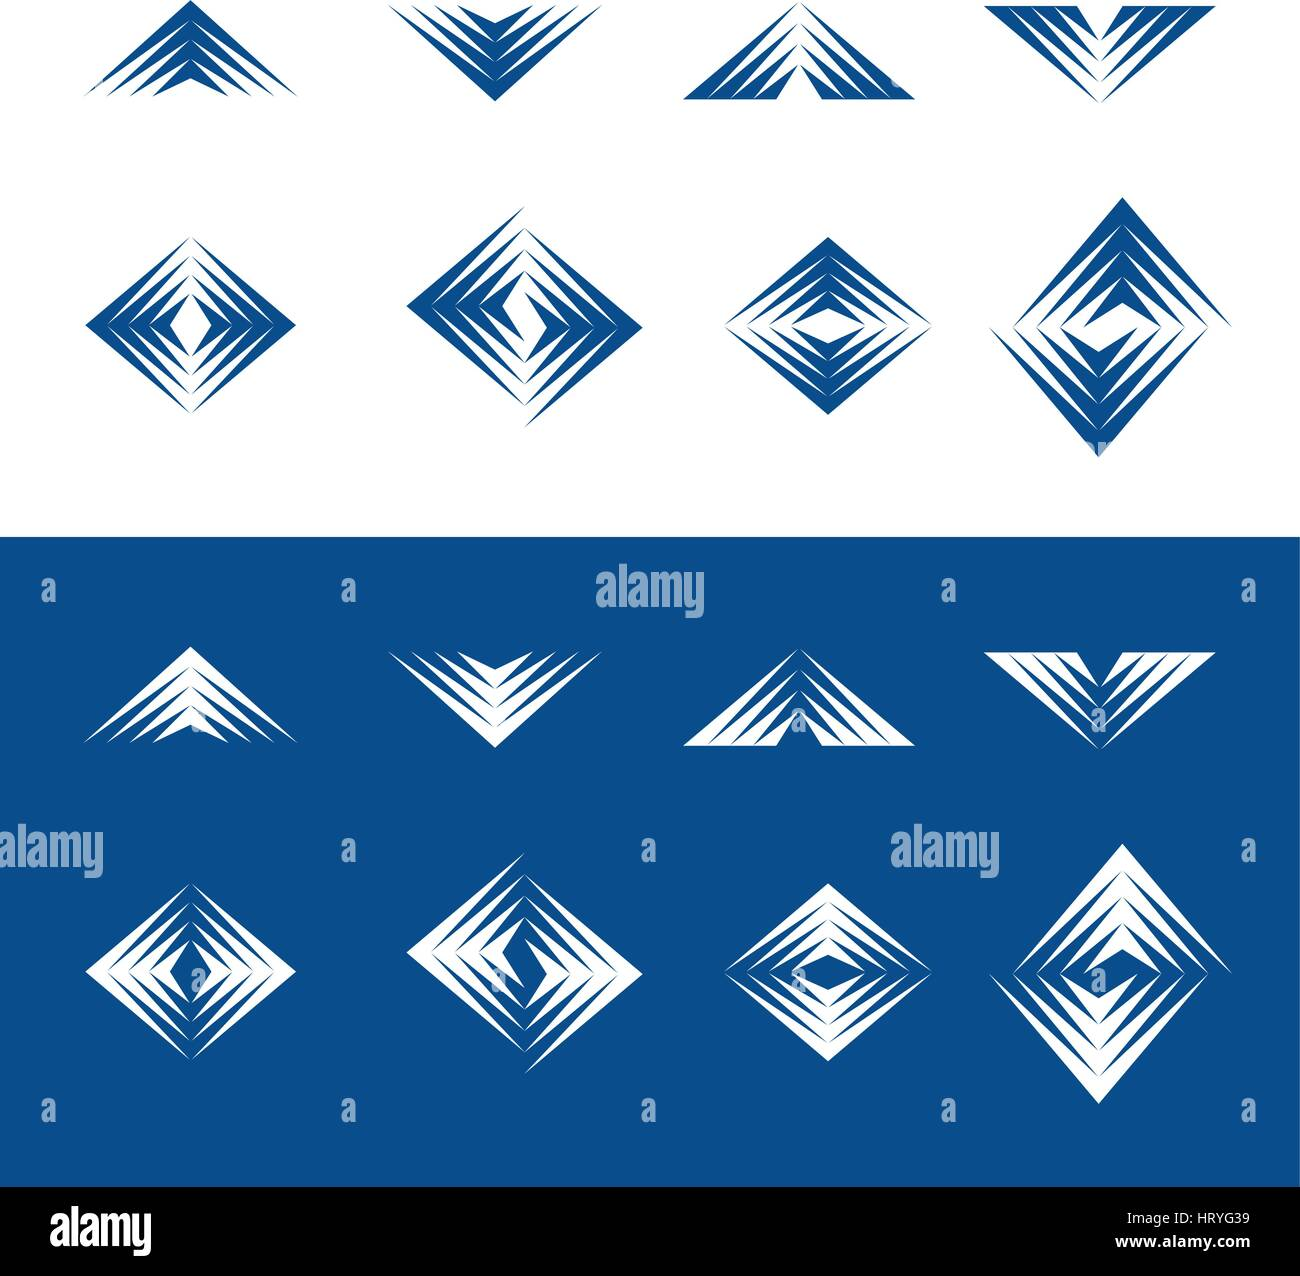 Dynamic universale elementi di design - Serie 2 Immagini Stock